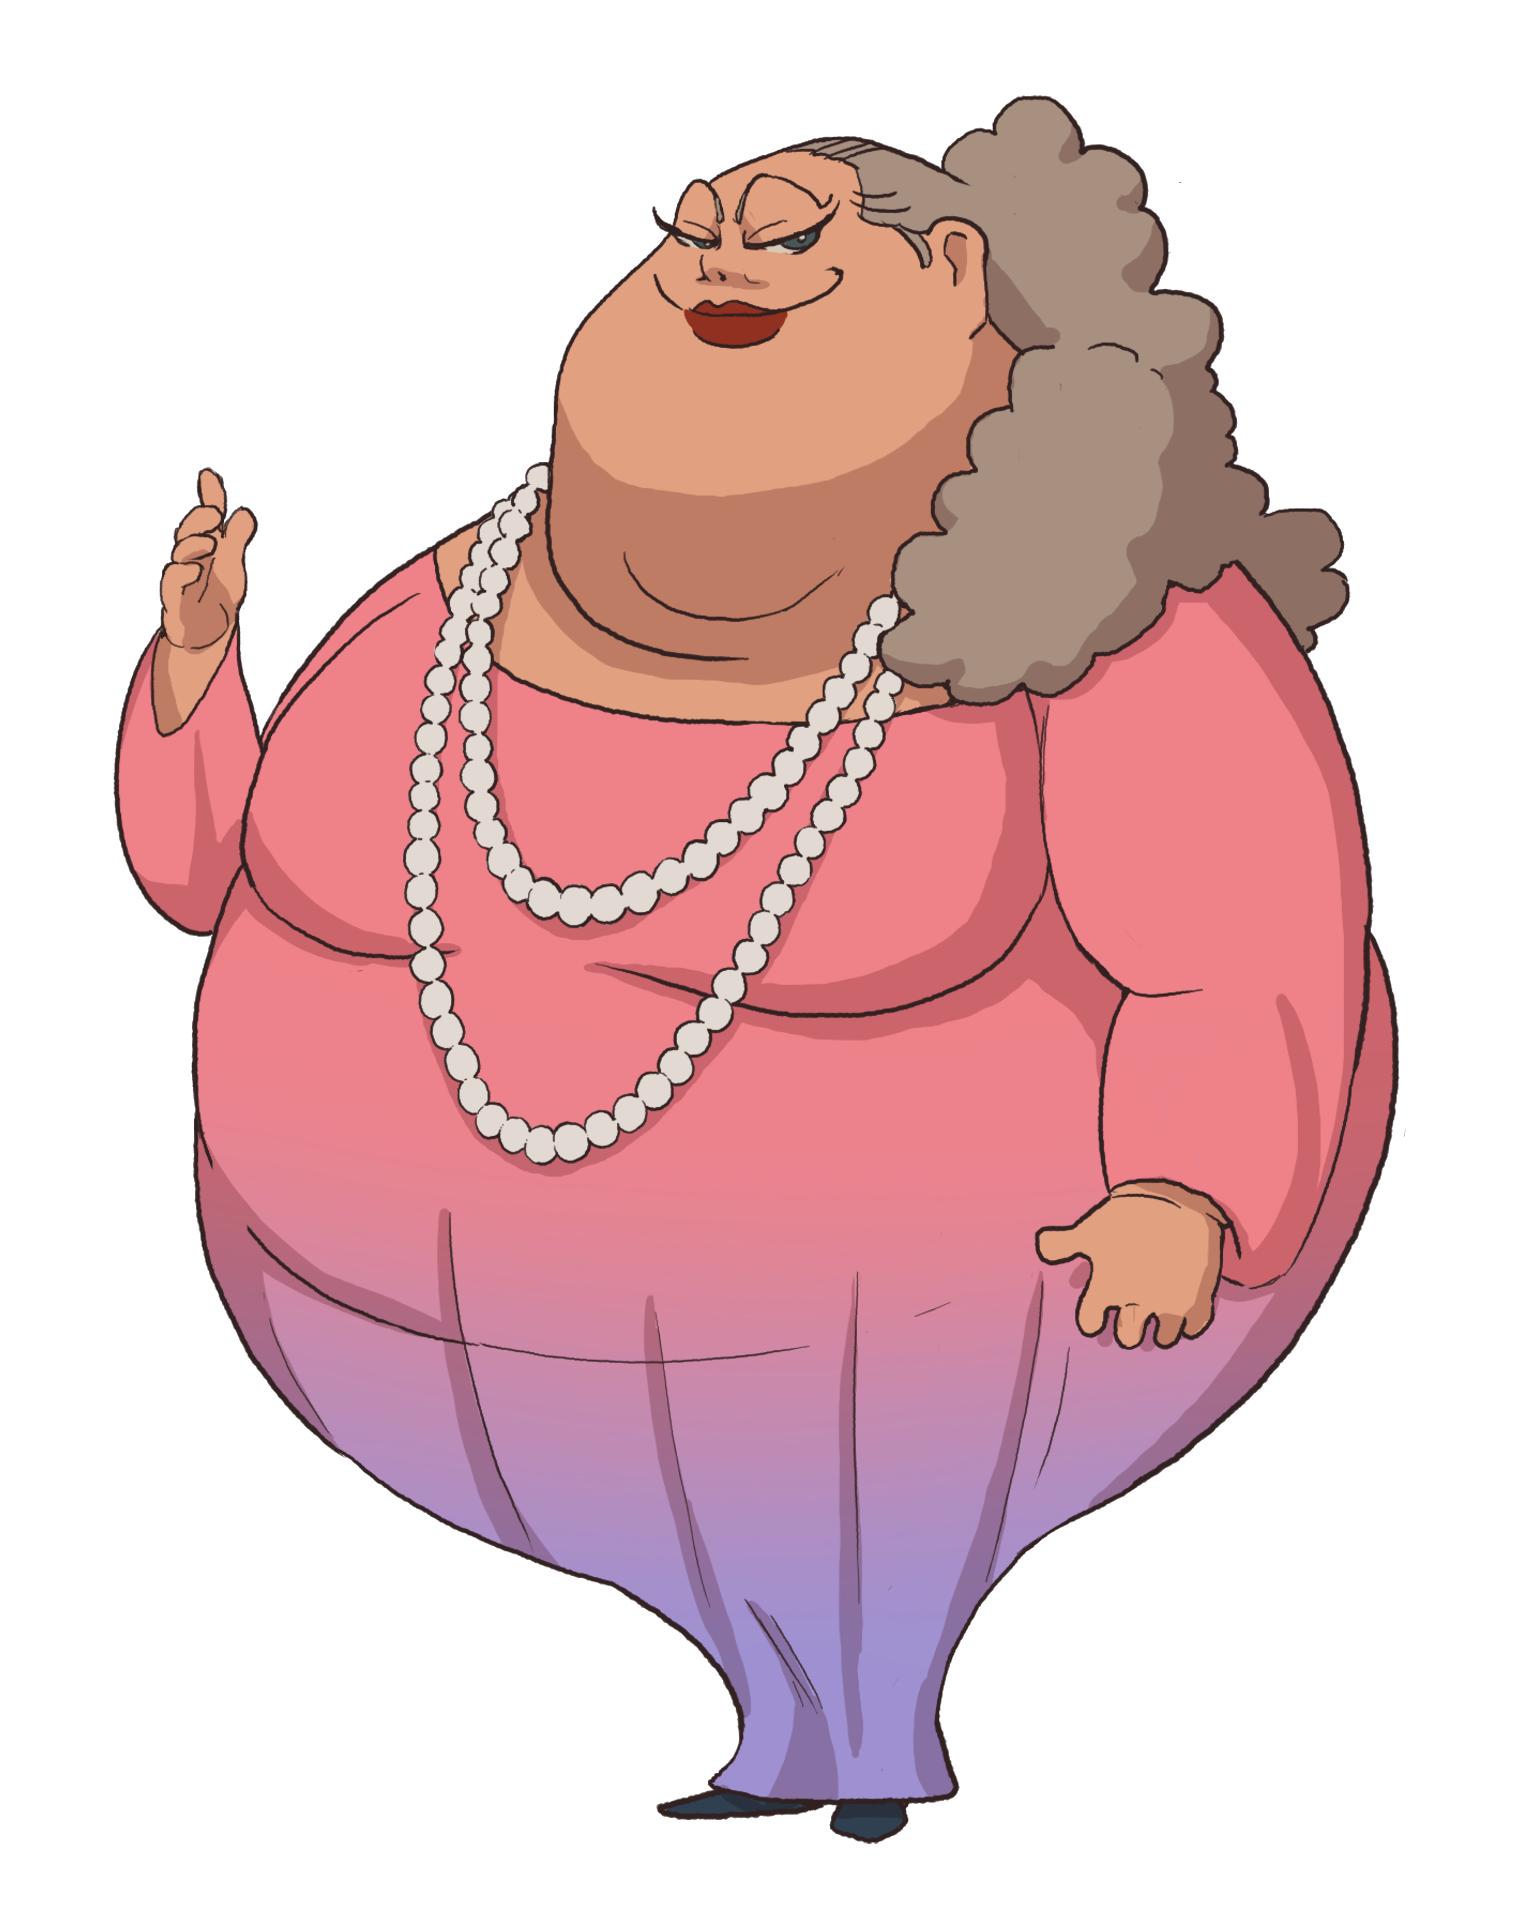 Bertha von Doppelpfund